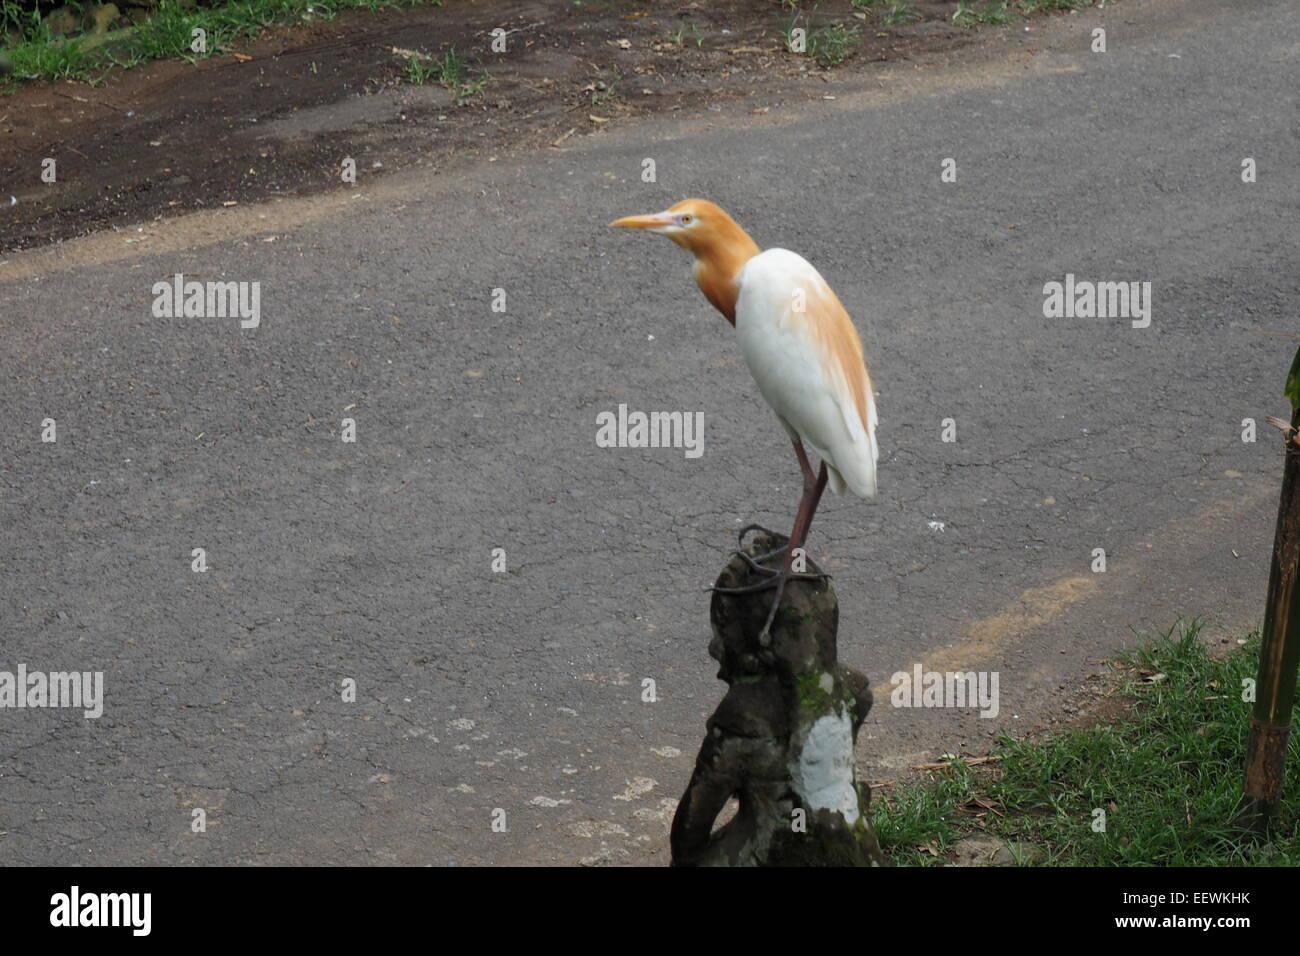 White heron of Petulu, Ubud, Bali. - Stock Image